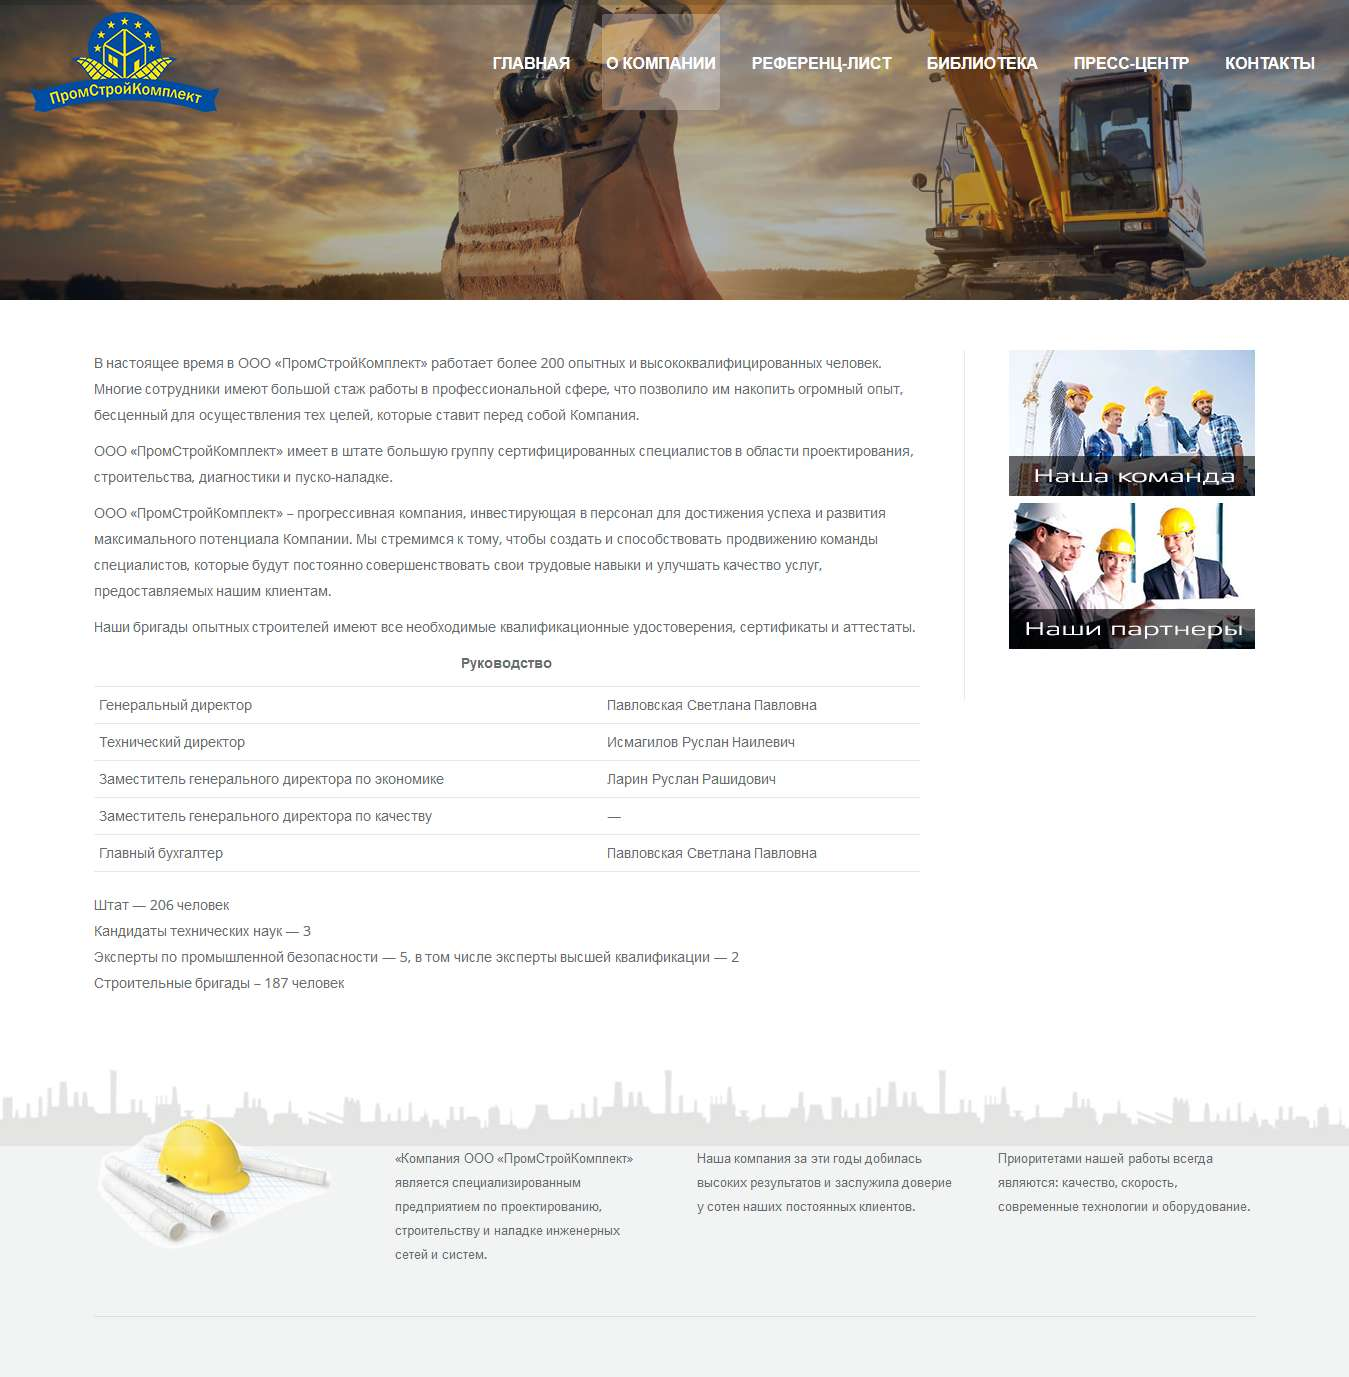 Пример сайта визитки - проектирование и строительство - о компании